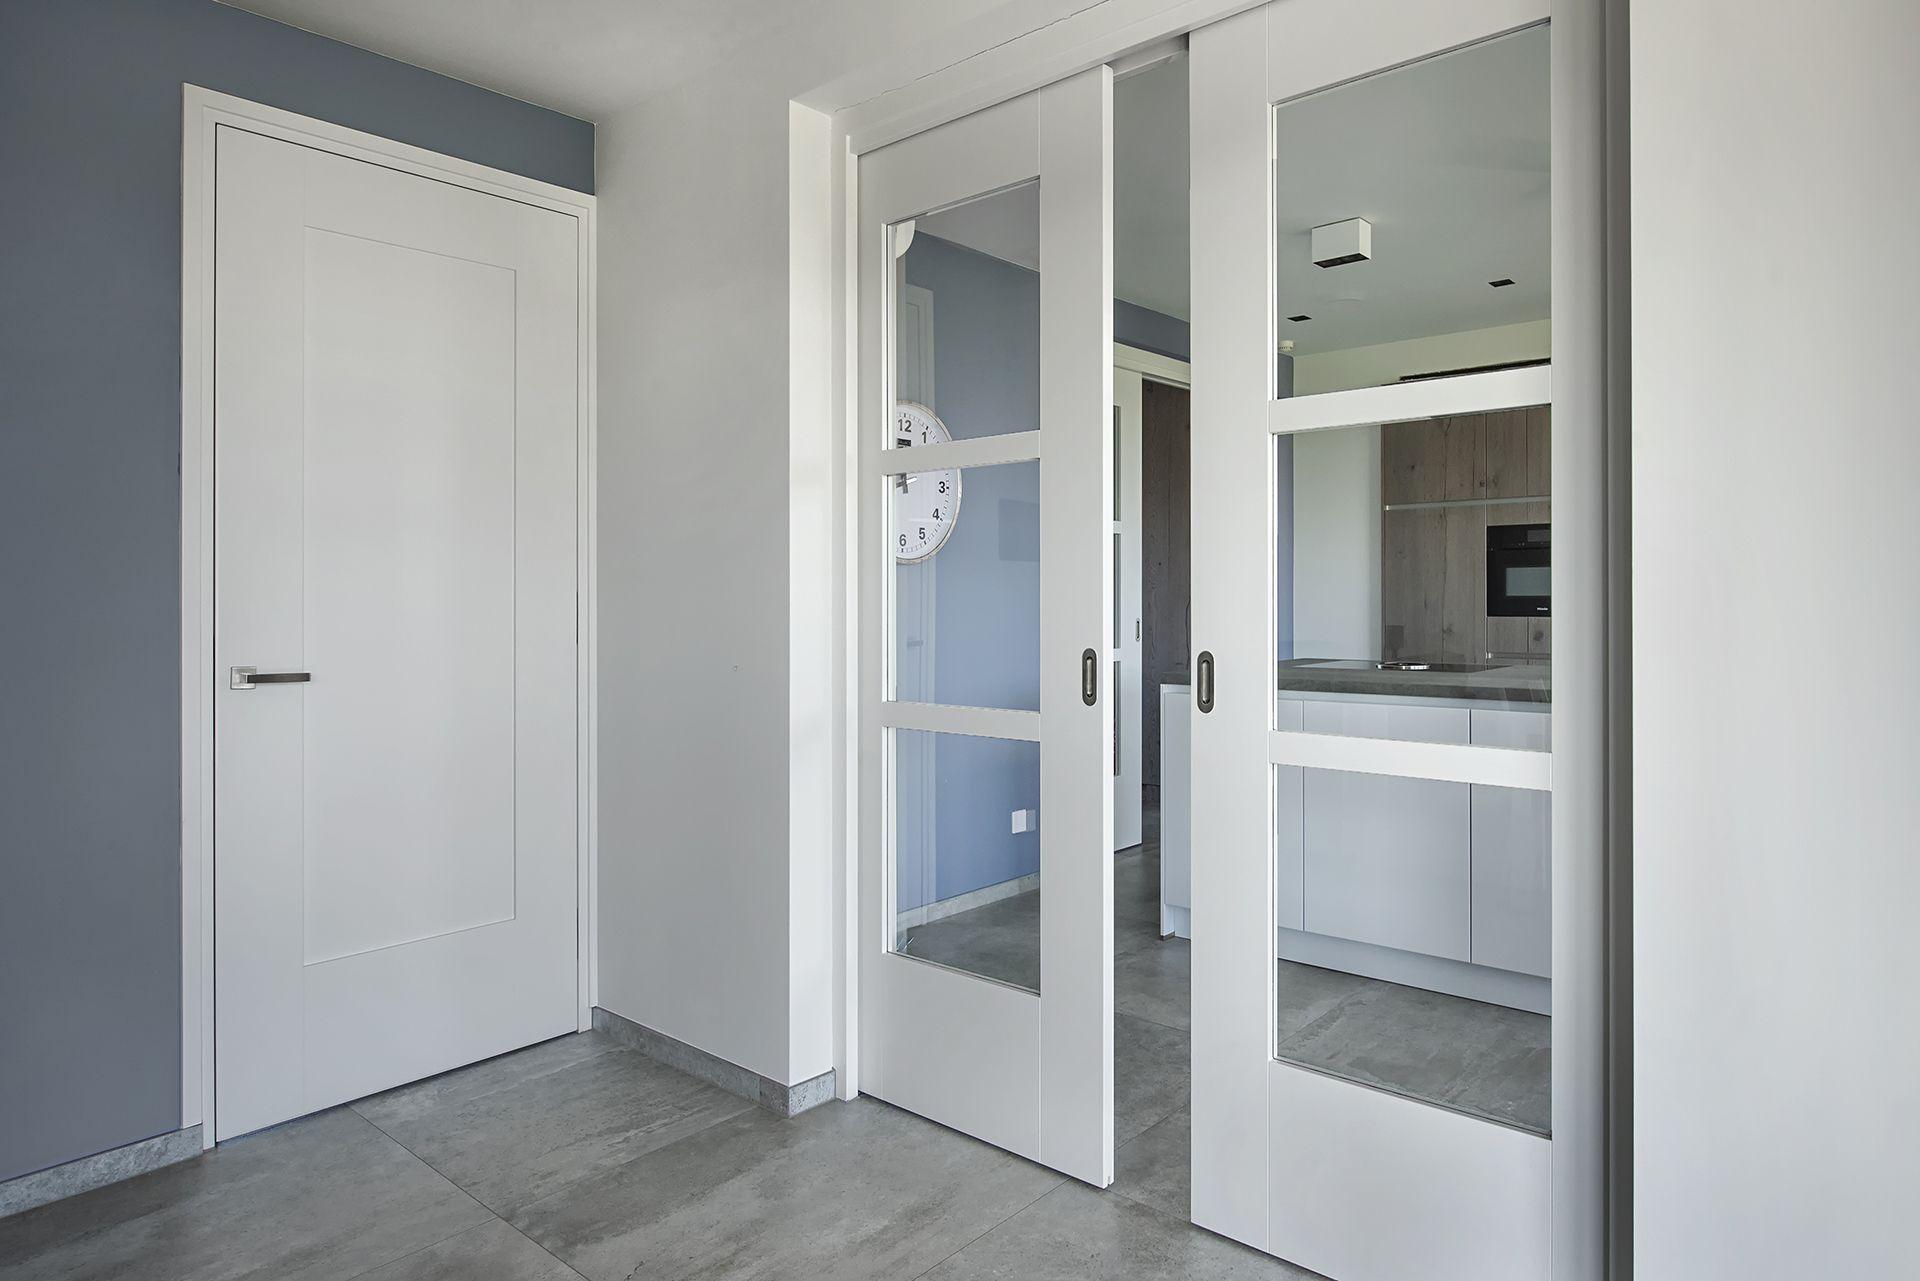 Houtz moderne deuren stalen scharnierdeur met vlakken en